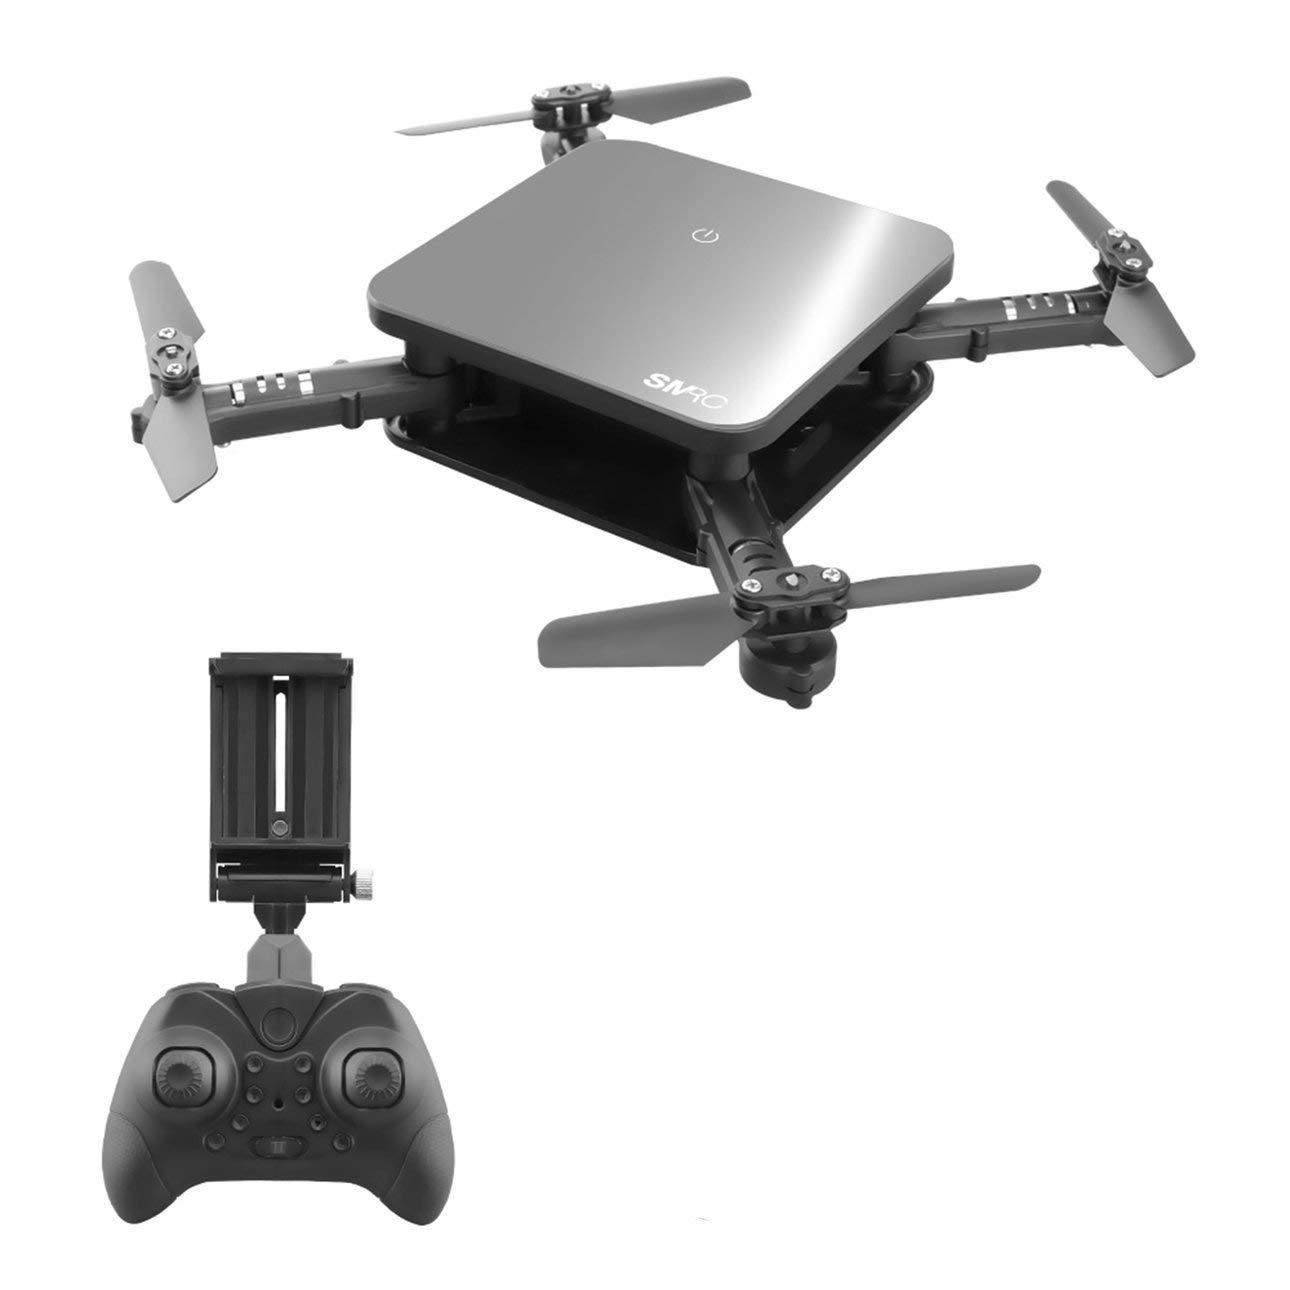 Ballylelly Drone con cámara, SMRC S1 Plegable Quadcopter Mini Wi-Fi RC Drone con cámara 720P Altitude Hold Modo sin Cabeza Sensor de Gravedad App Control